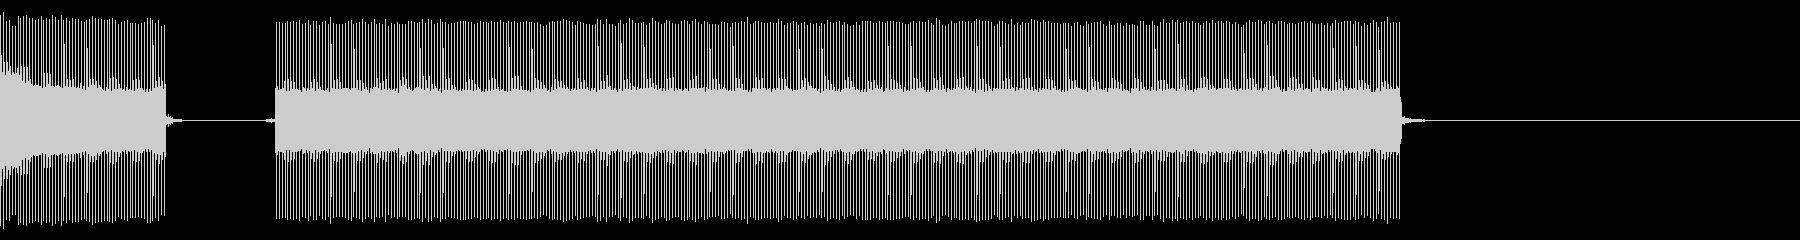 クイズなどのブブーという不正解の音ですの未再生の波形